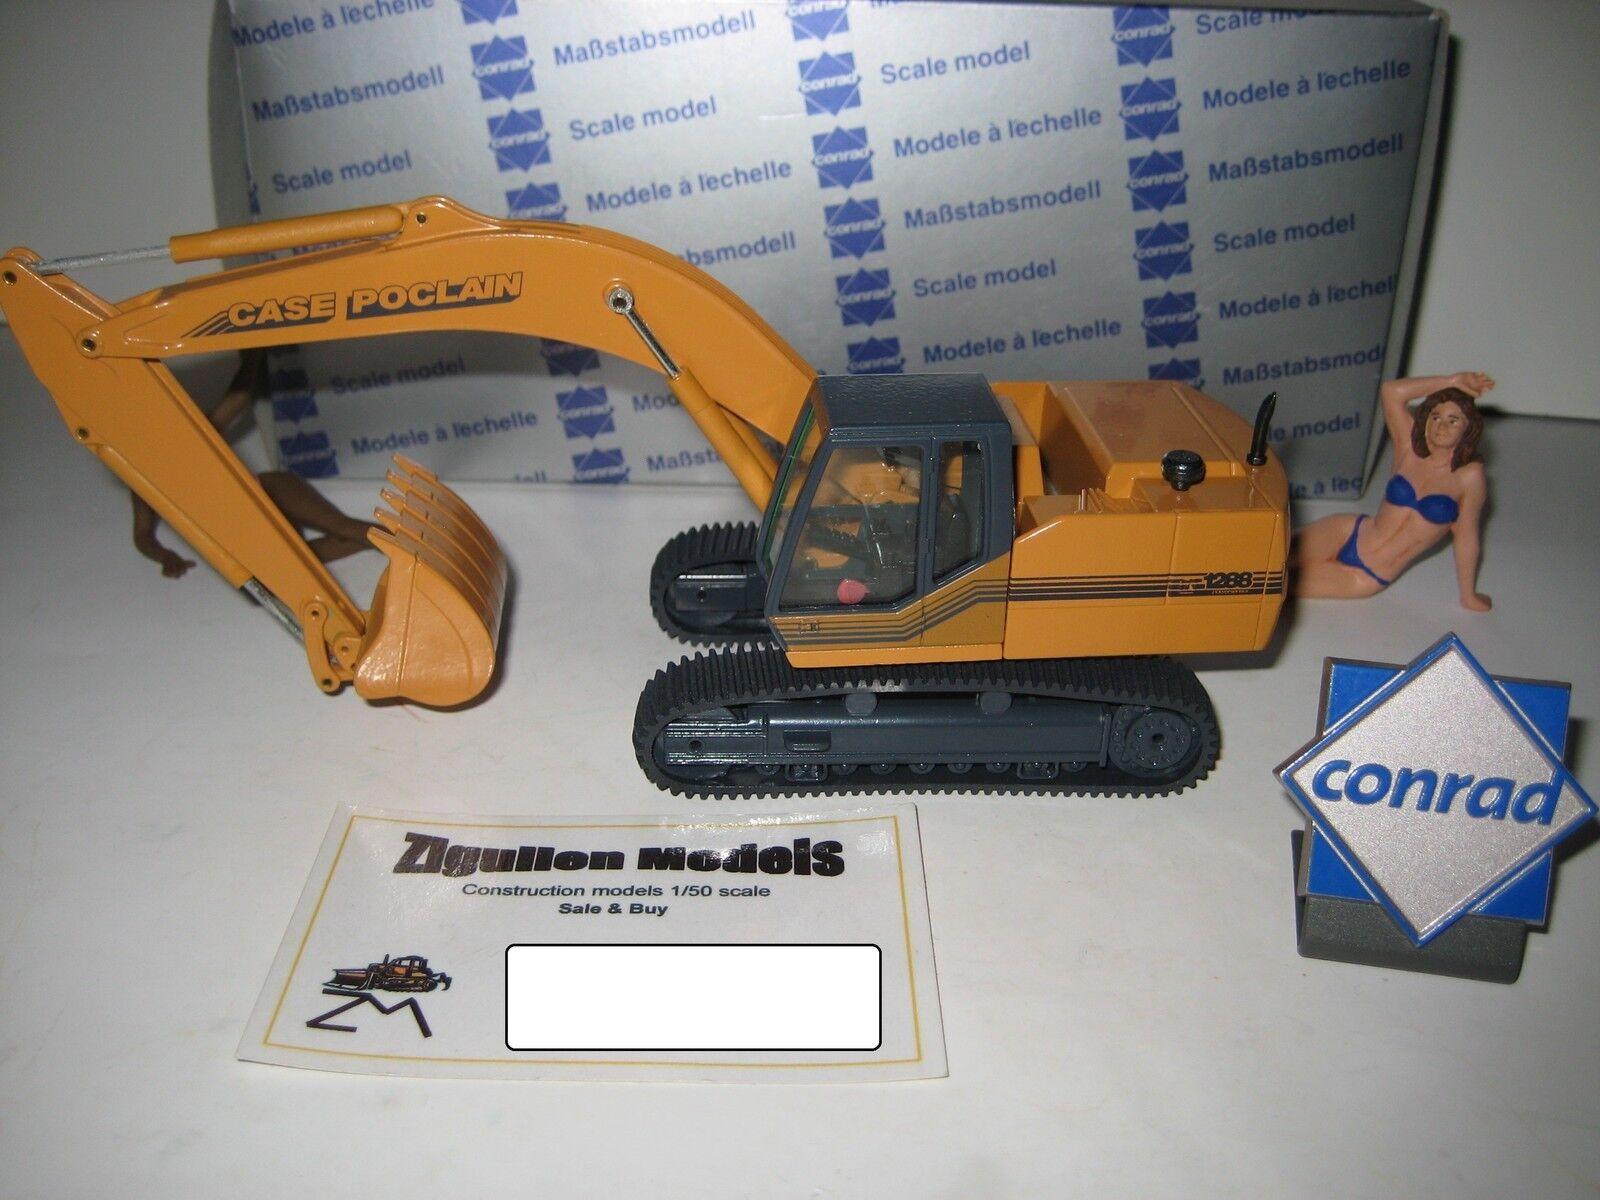 Case Poclain 1288 Excavateurs tieflöffel à chenilles  2894.2 CONRAD 1 50 NEUF dans sa boîte